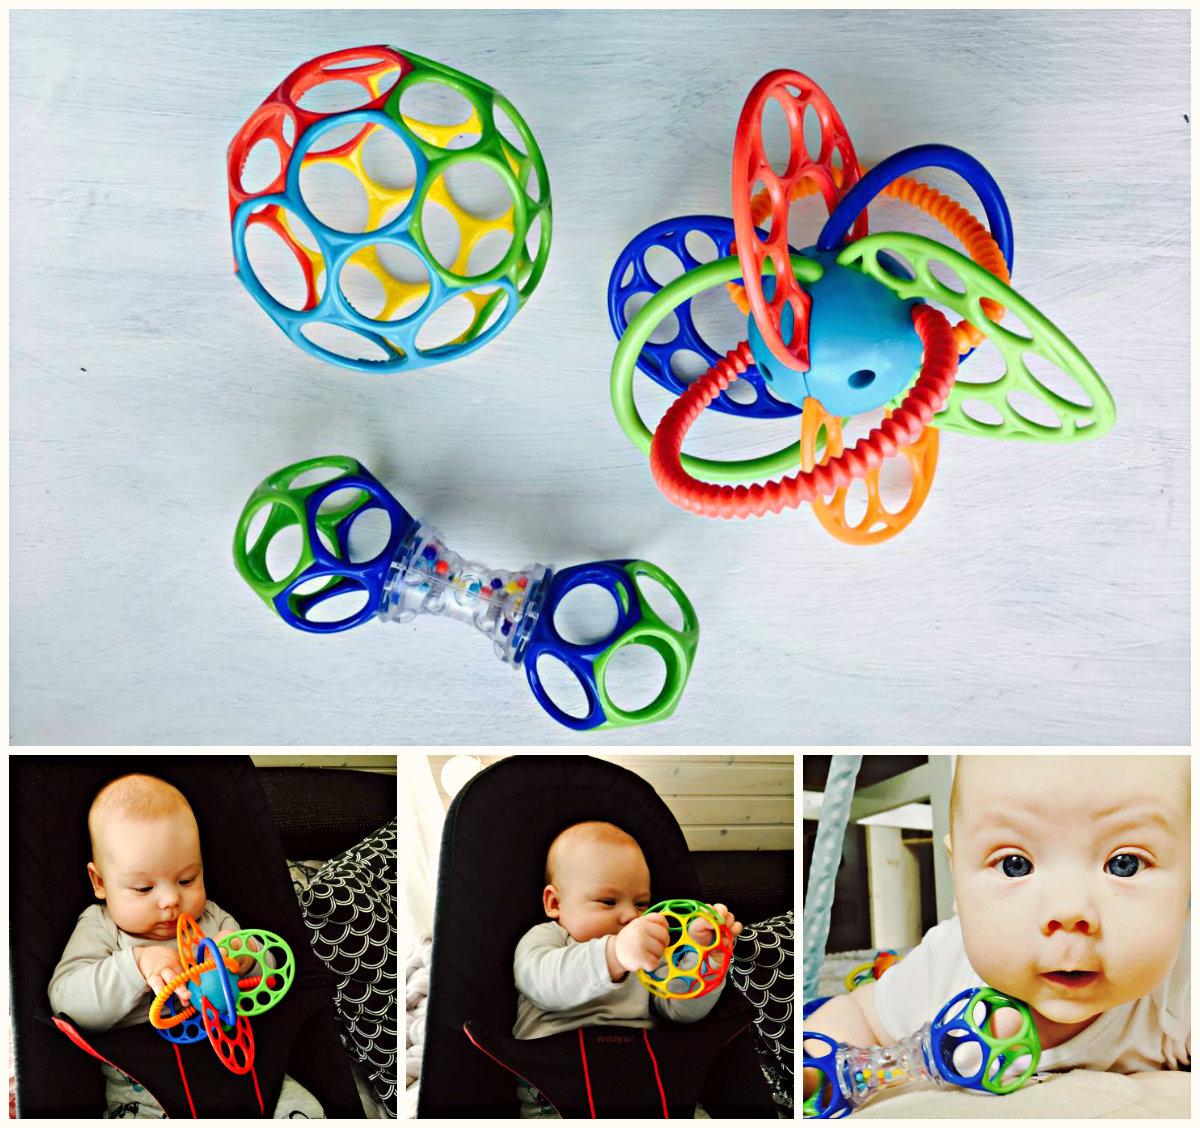 37595c1b14b Sobib see mänguasi kuskil 3-5 kuustele lastele ma arvan. Vanematele jääb  igavaks ja nooremad ei oska veel sellest ilmselt eriti tõõmu tunda.